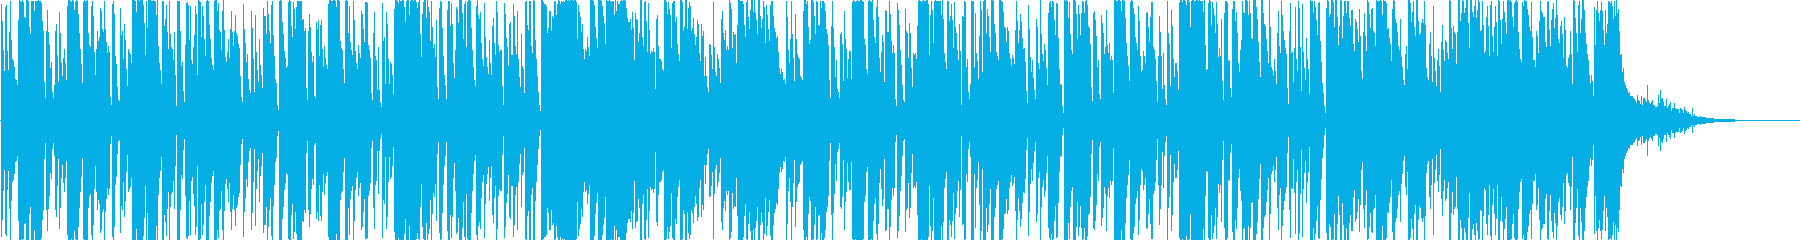 ウクレレとグロッケンのボサノバ曲 短編の再生済みの波形